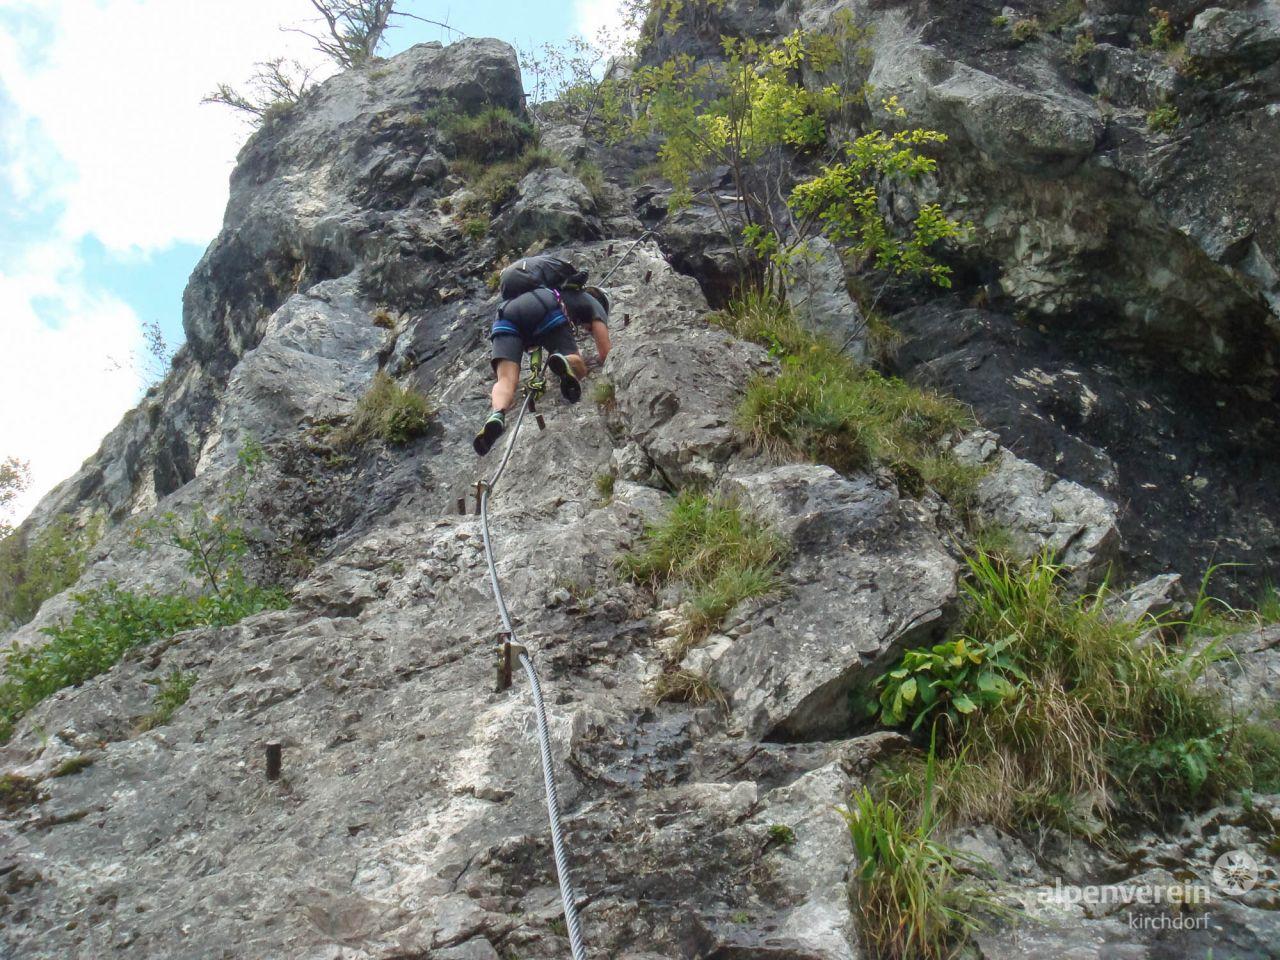 Klettersteig Mahdlgupf : Attersee klettersteig u mahdlgupf Öav ortsgruppe eggelsberg